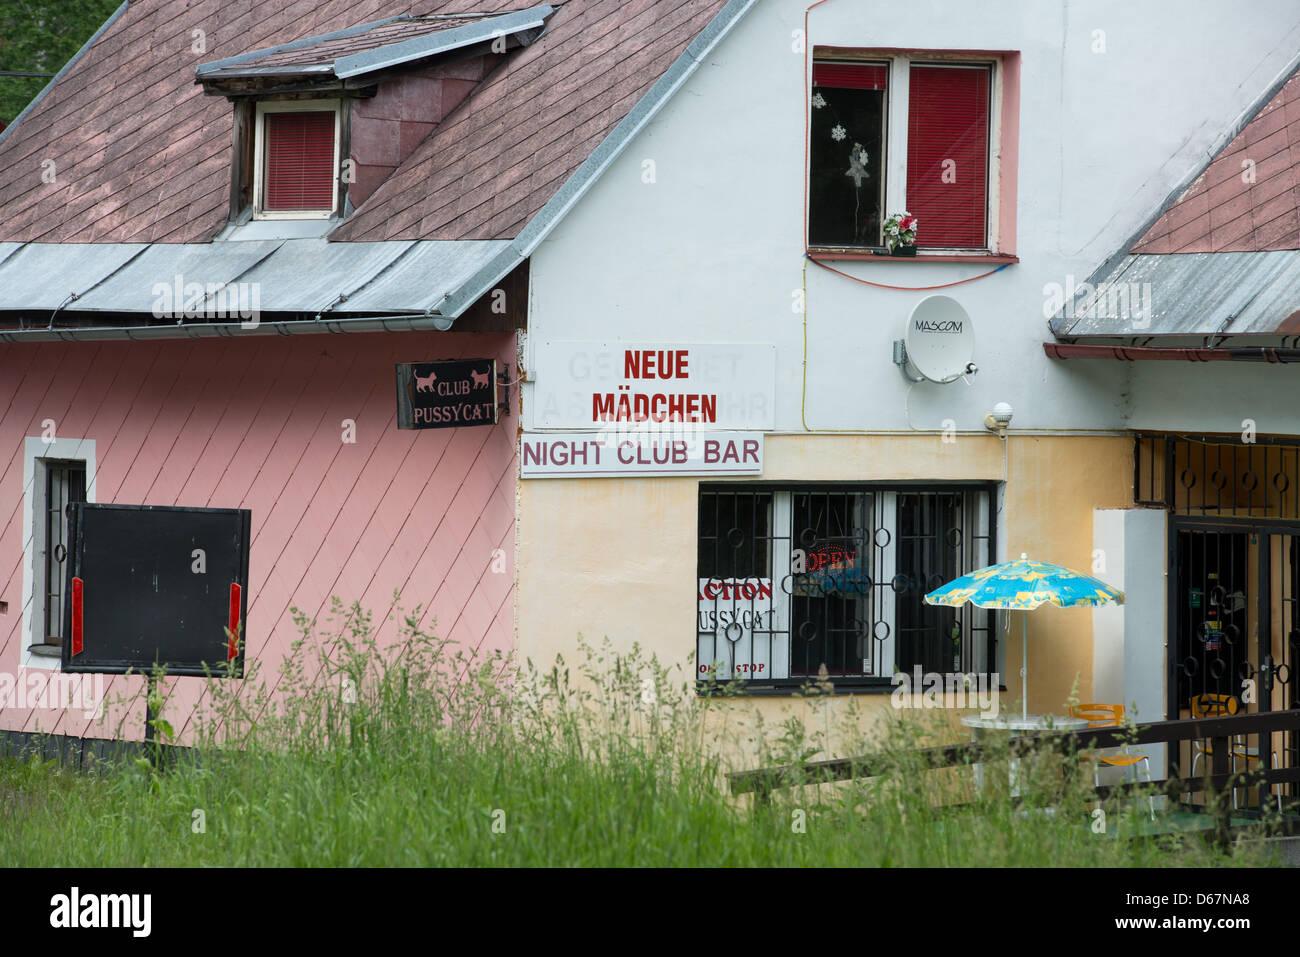 Tschechische grenze nightclub ARIDEA Club